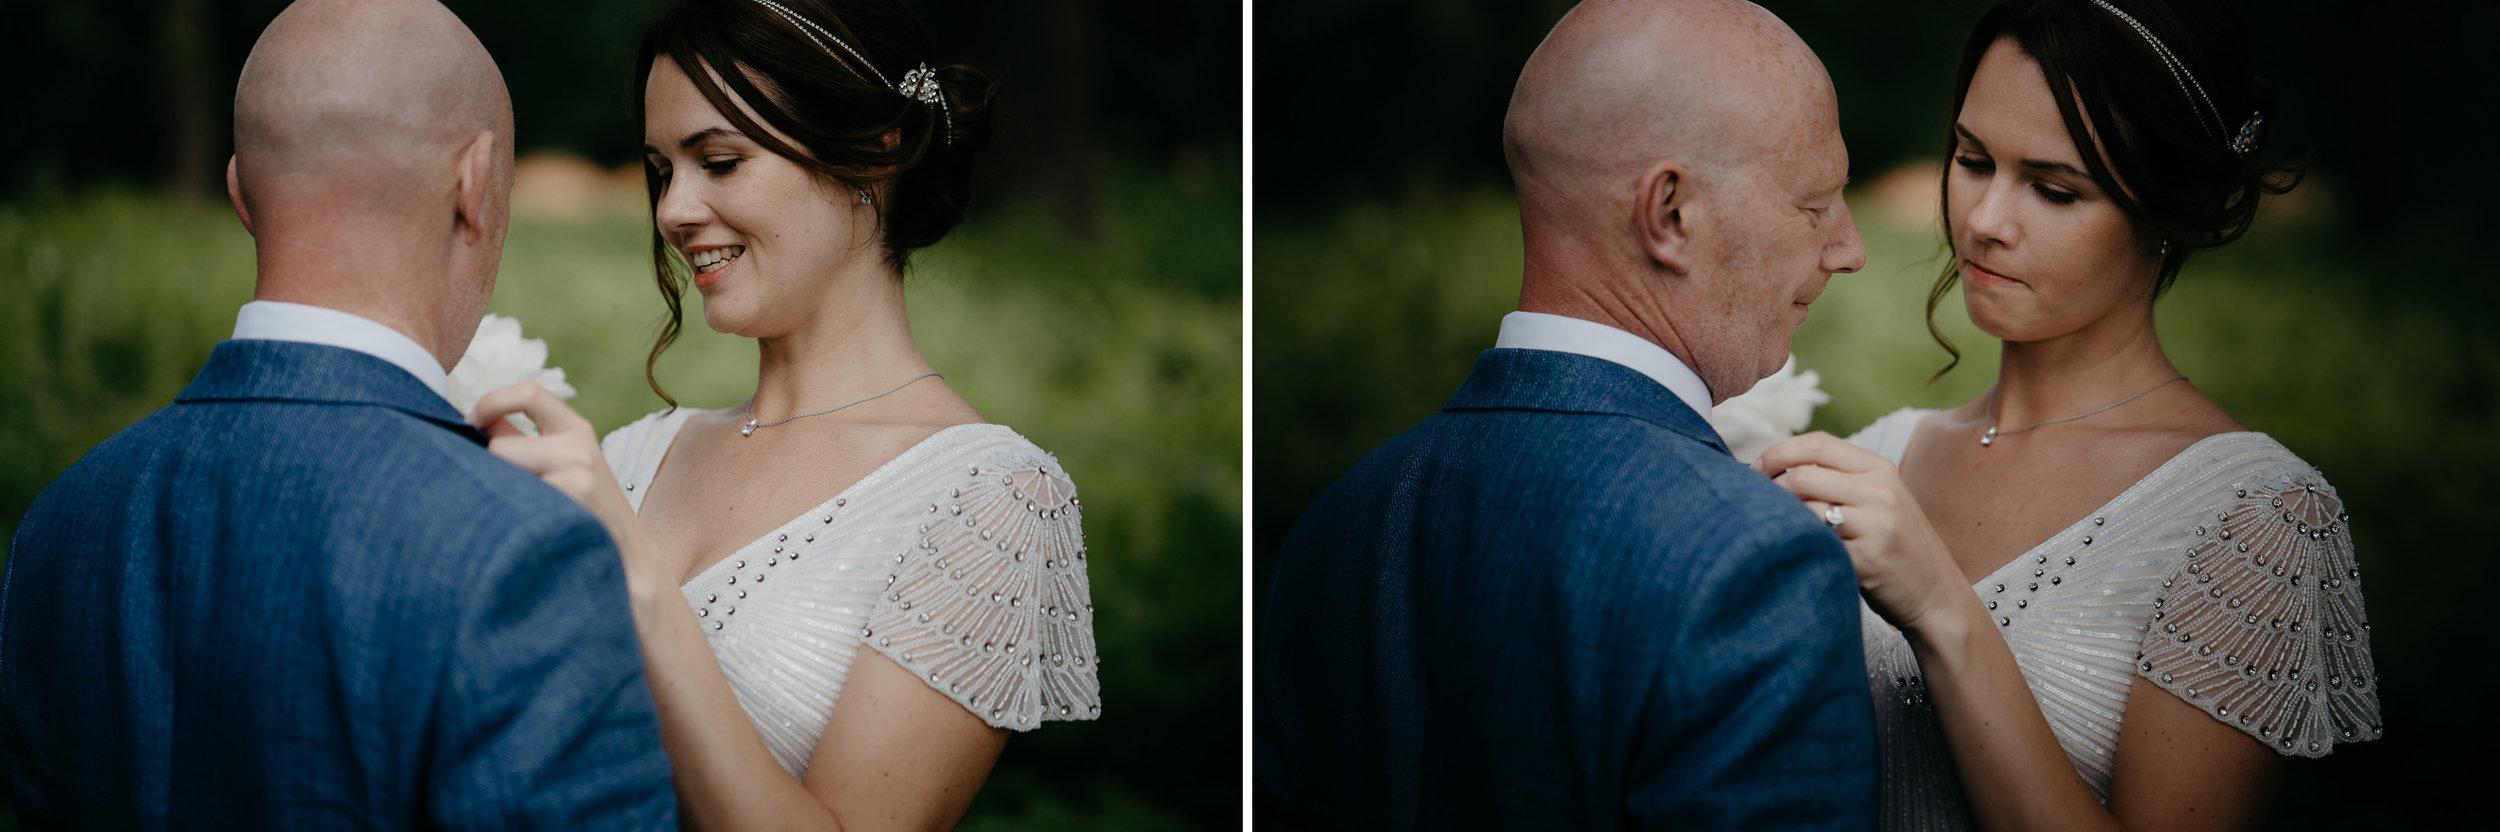 trouwfotograaf amsterdam bruidspaar in het bos portret